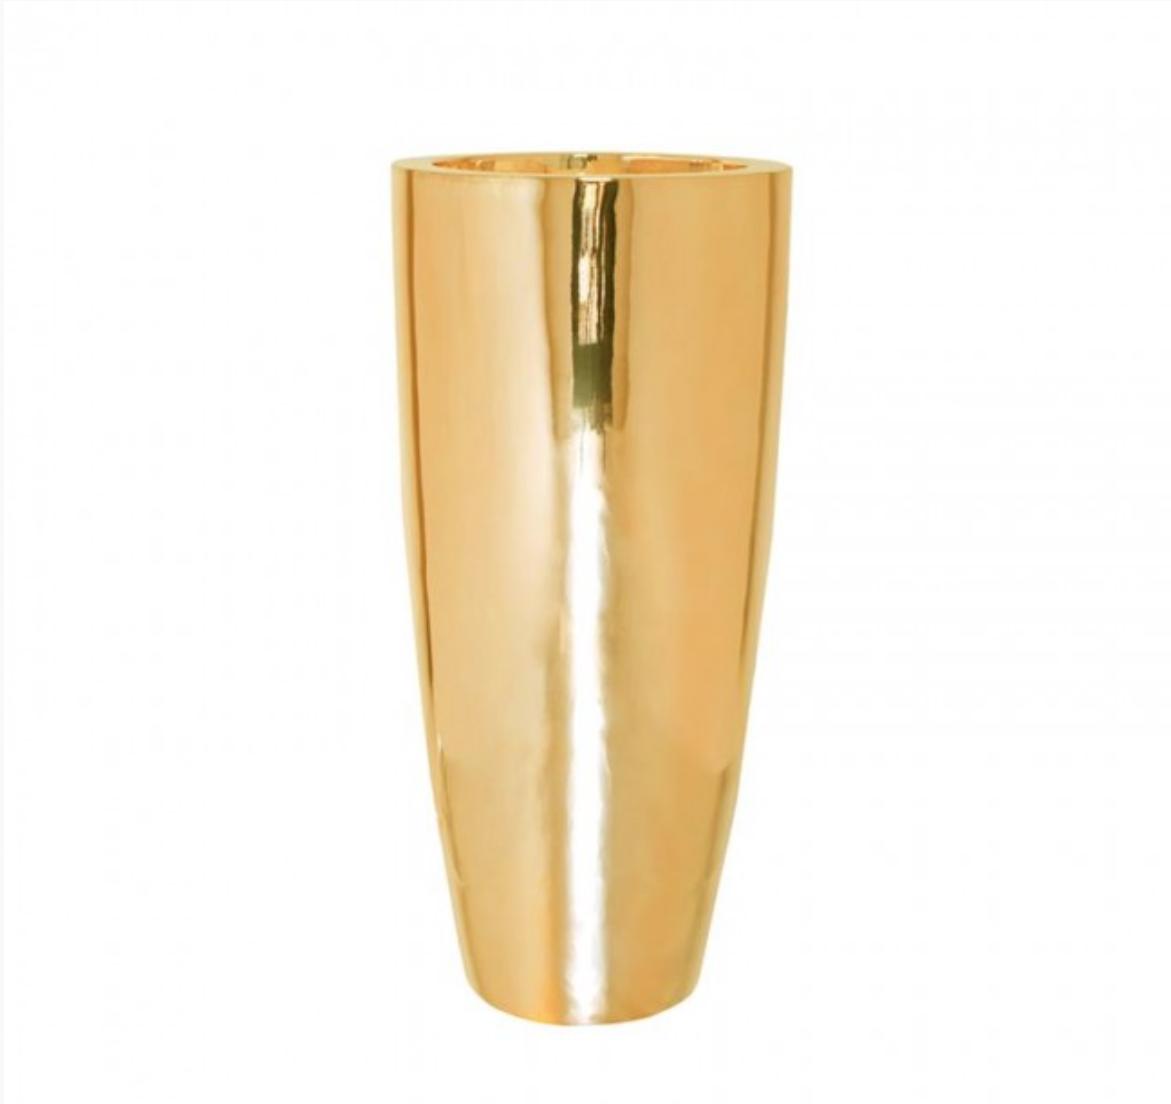 Golden flower pot Jaipur - H100 cm